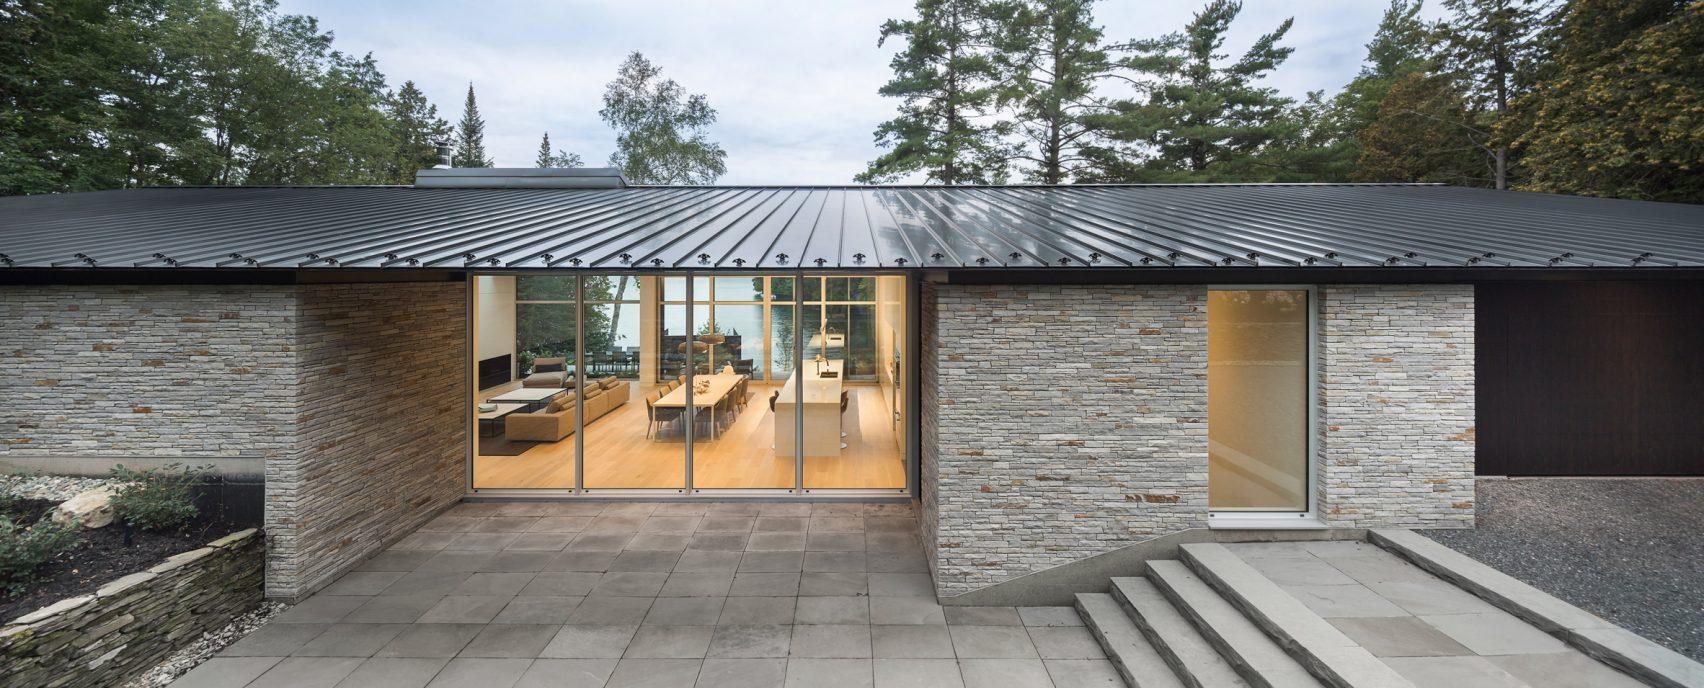 slender-house-mu-architecture-quebec-canada_dezeen_2364_col_0-1704x688.jpg